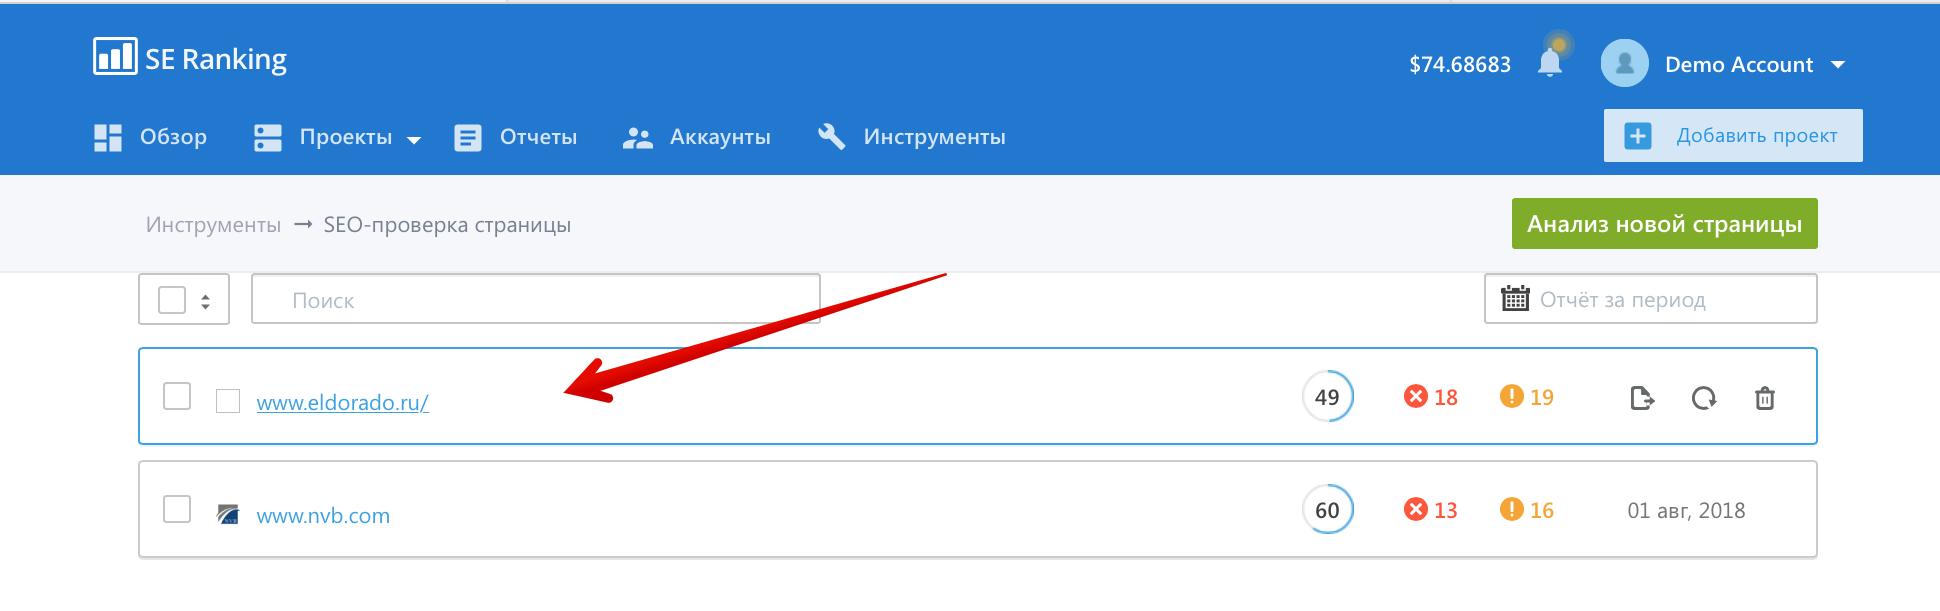 SEO-audit export 2.1